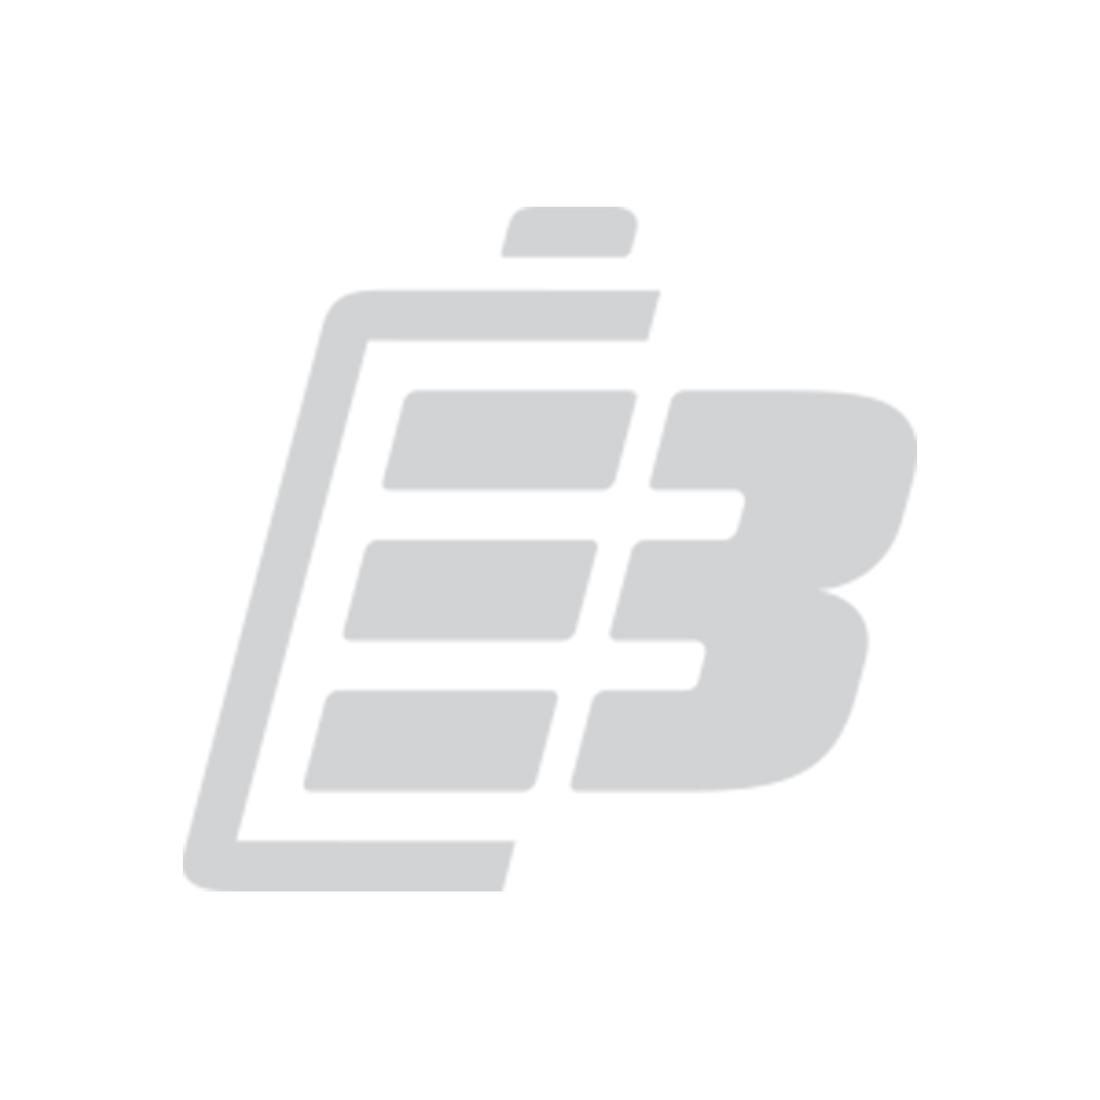 Camera battery Kodak KLIC-5001_1